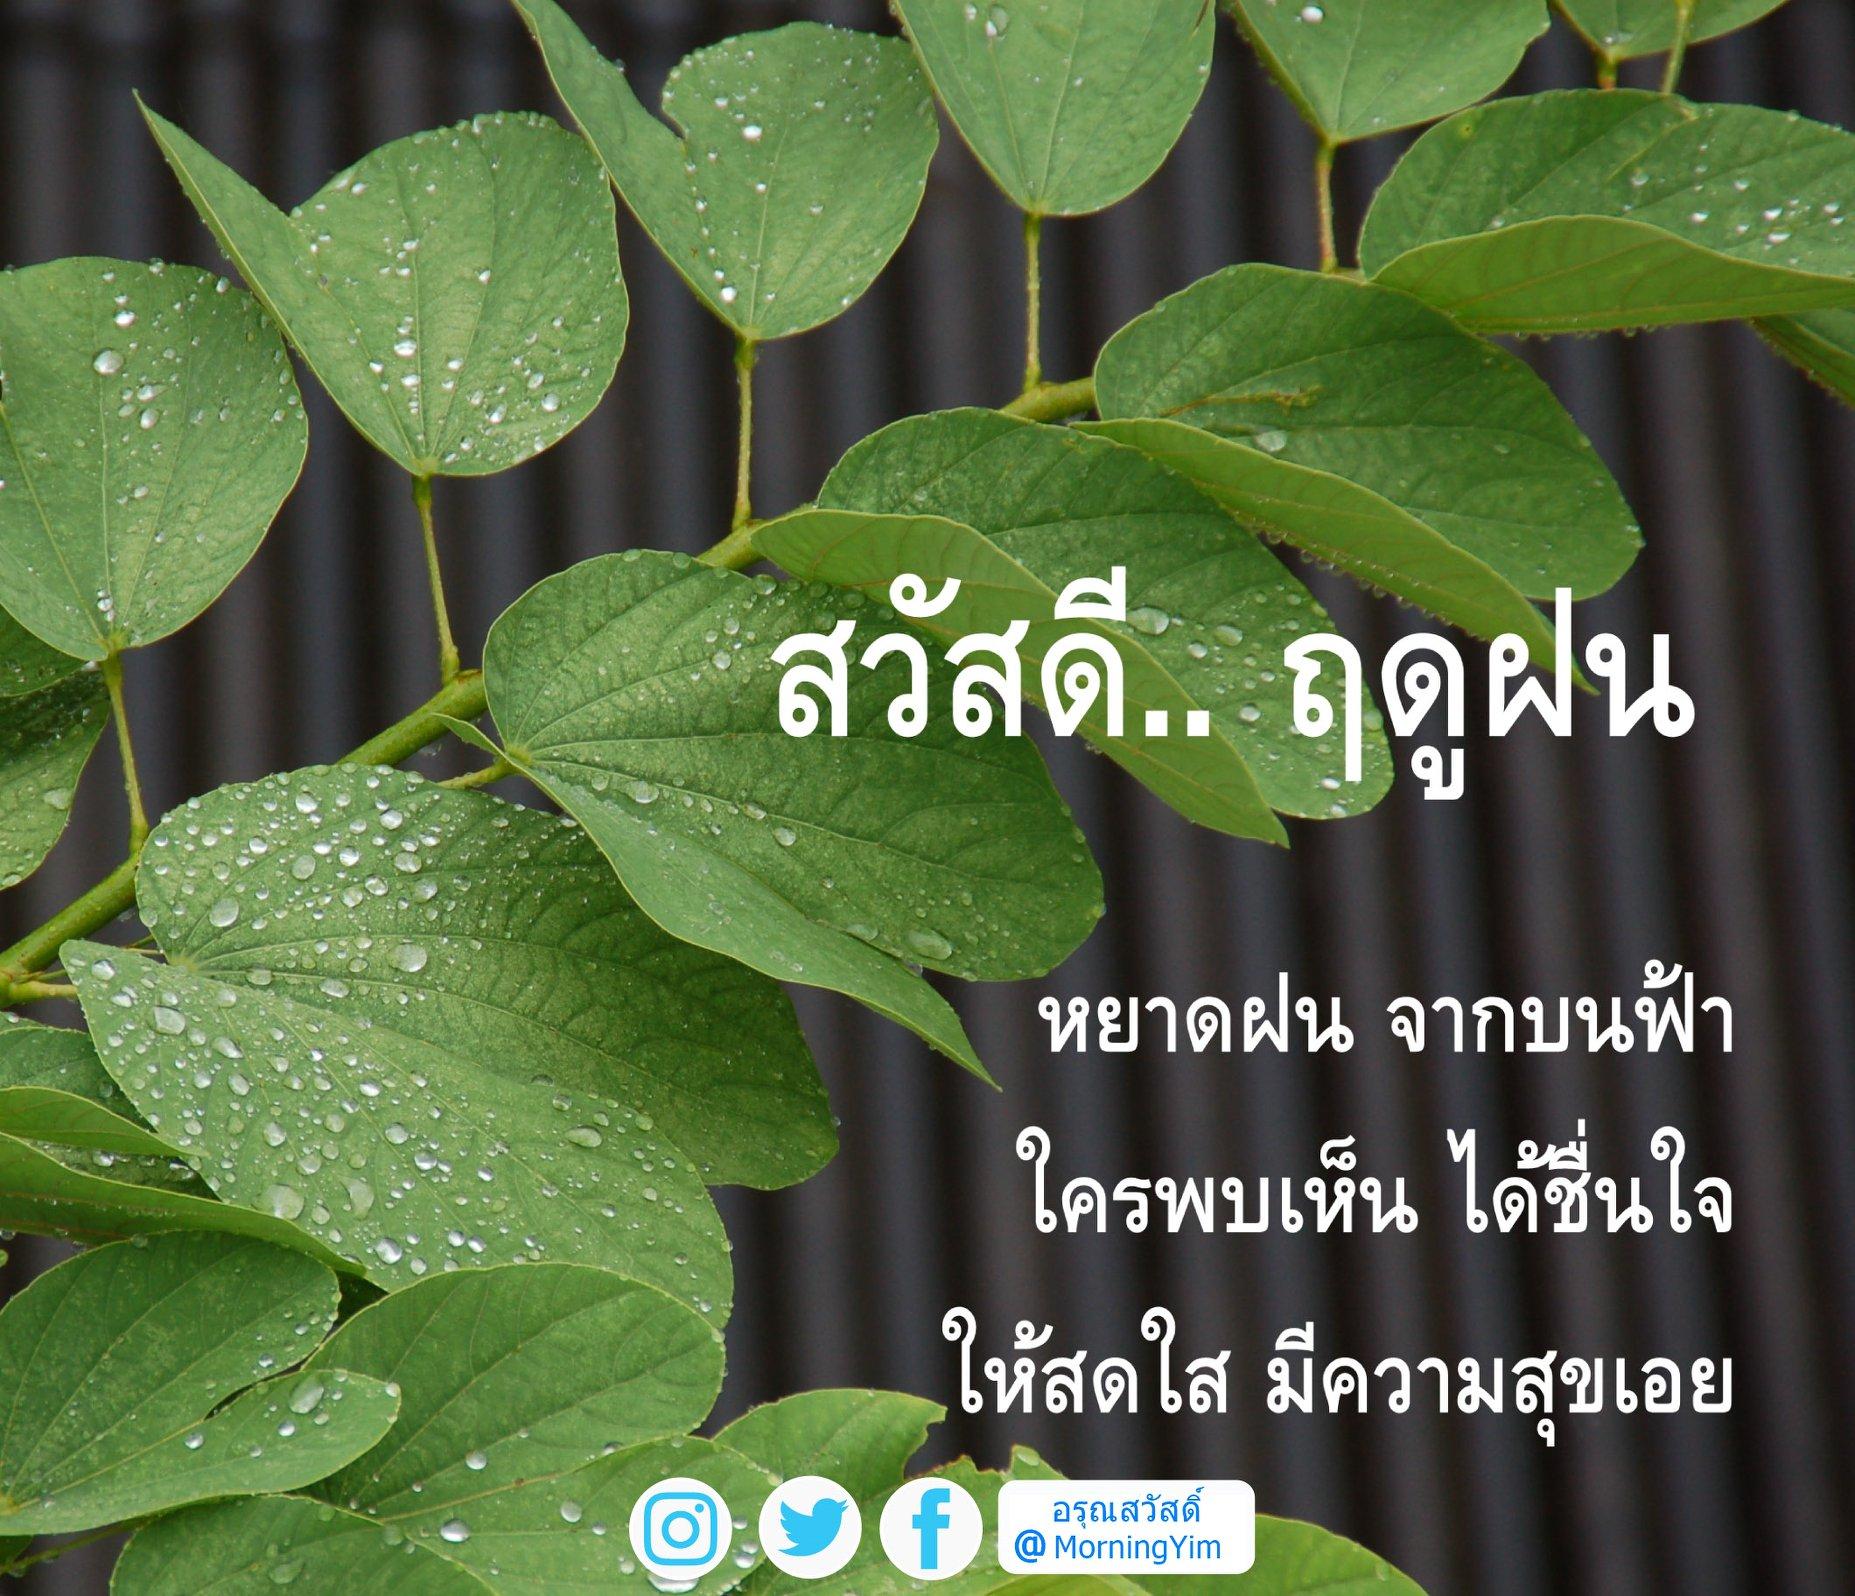 อรุณสวัสดิ์ฤดูฝน